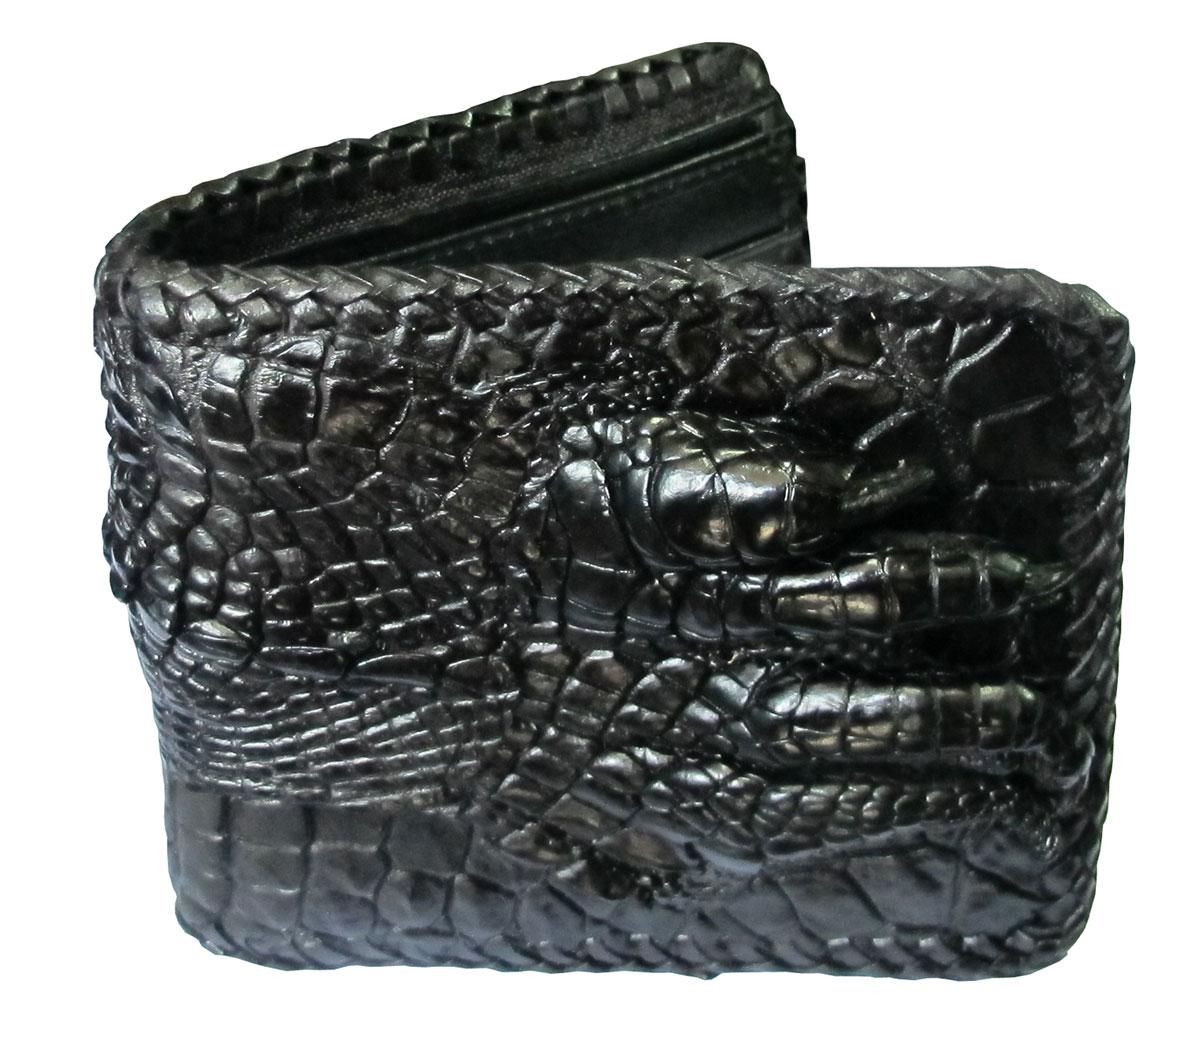 กระเป๋าสตางค์ 2 พับ หนังจระเข้เเท้ หนังต่อเย็บมือ สีดำ (มีนิ้วเท้า)